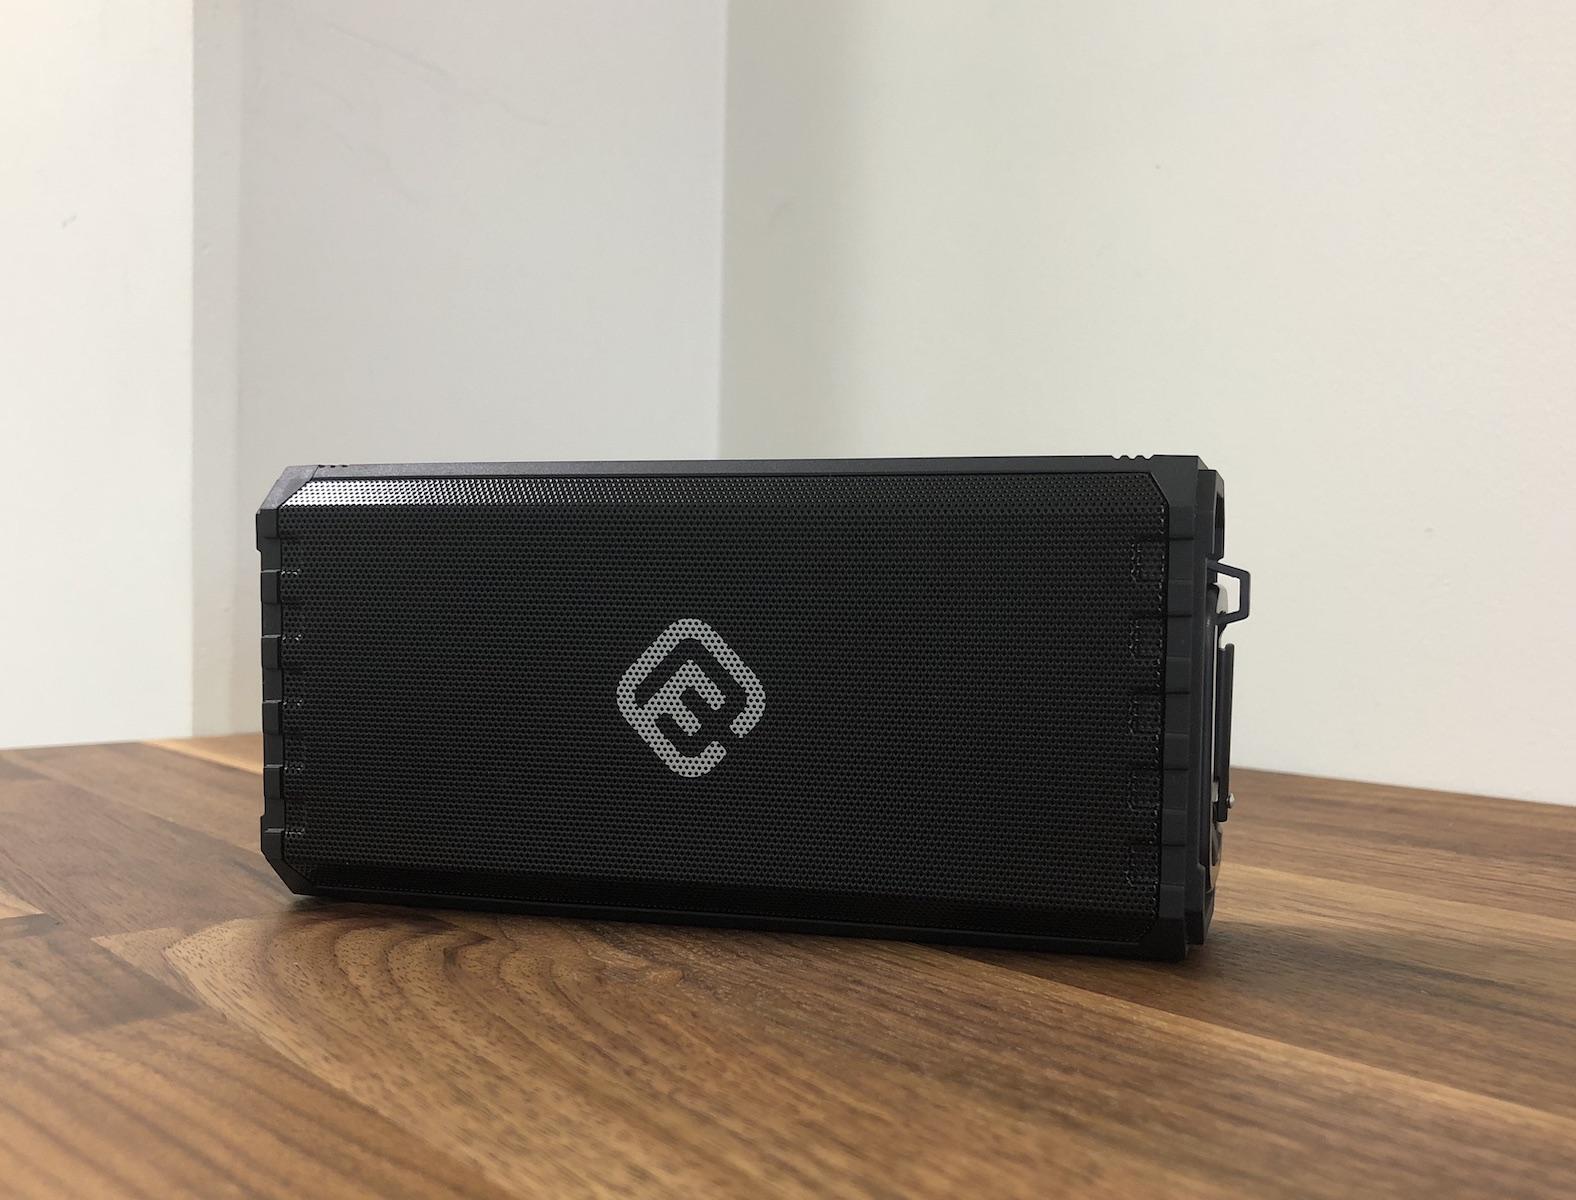 40s Bluetoothスピーカー IPX7 防水 (8Wx2 Bluetooth 4.2 スピーカー) 高音質 大音量 重低音/ポータブル アウトドア ブルートゥーススピーカー/マイクロSD ハンズフリー/iPhone Android対応 【正規販売 1年保証 技適認証済】 HW1